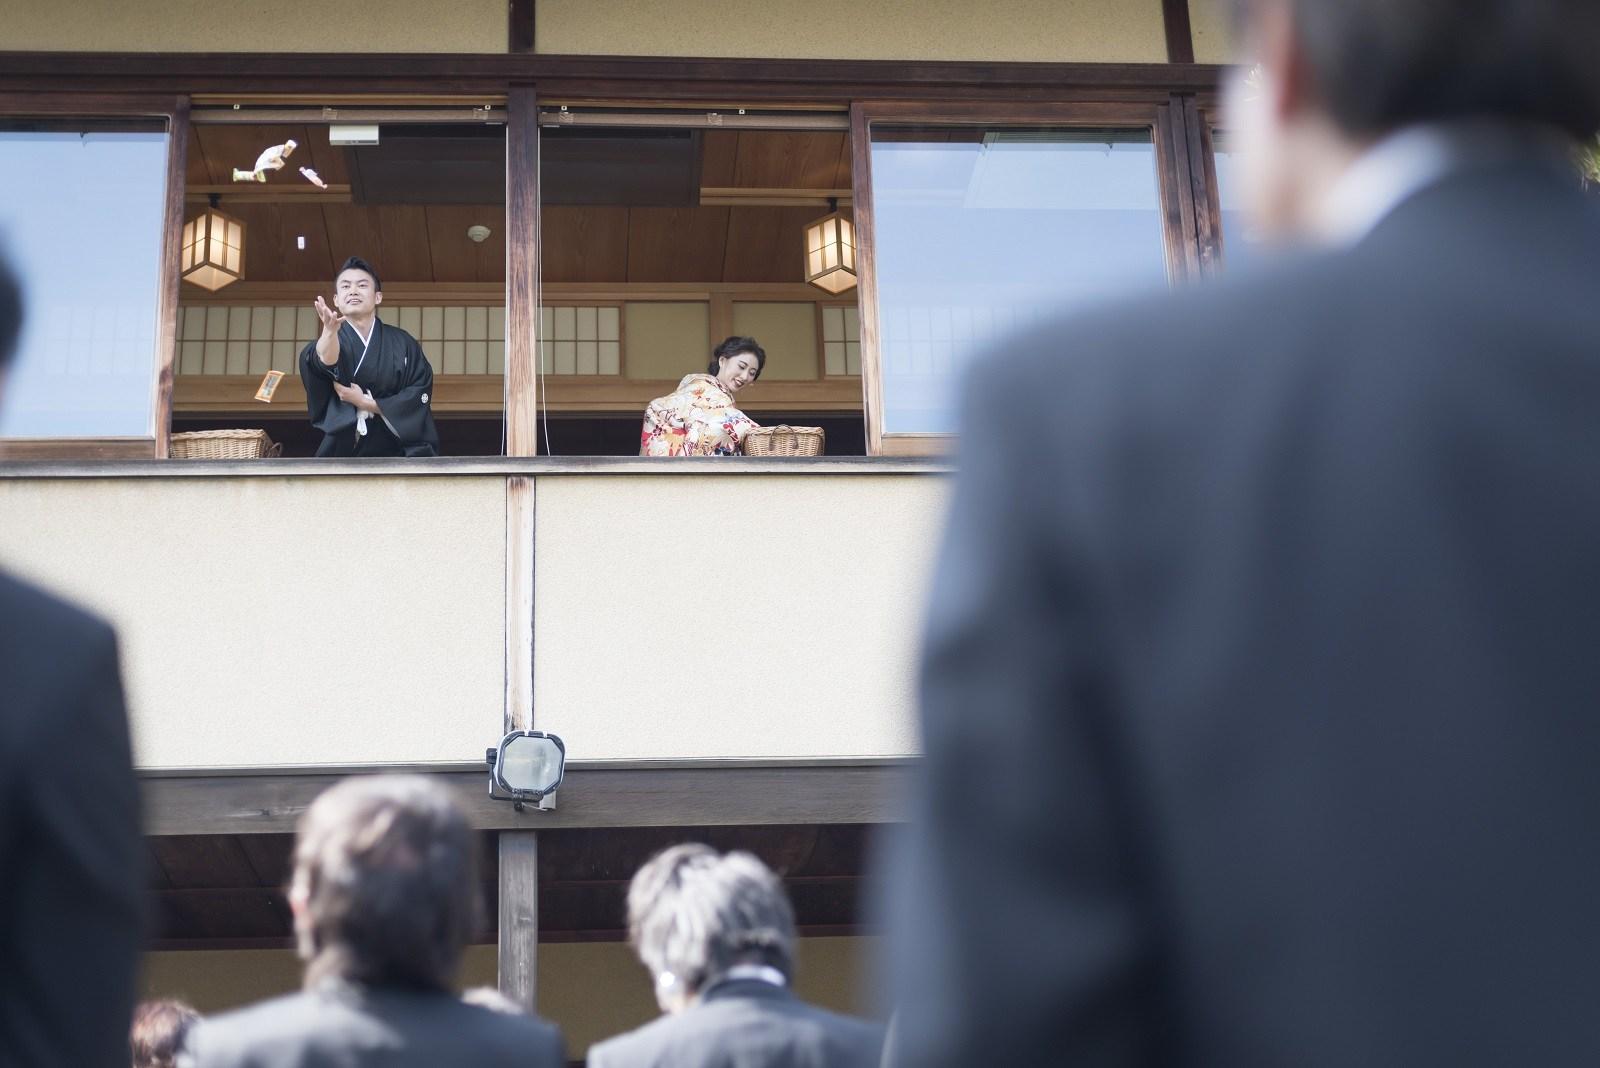 香川県高松市の小さな結婚式相談カウンターマリマリコンシェルジュのご紹介式場 弓絃葉の2階からプチギフト